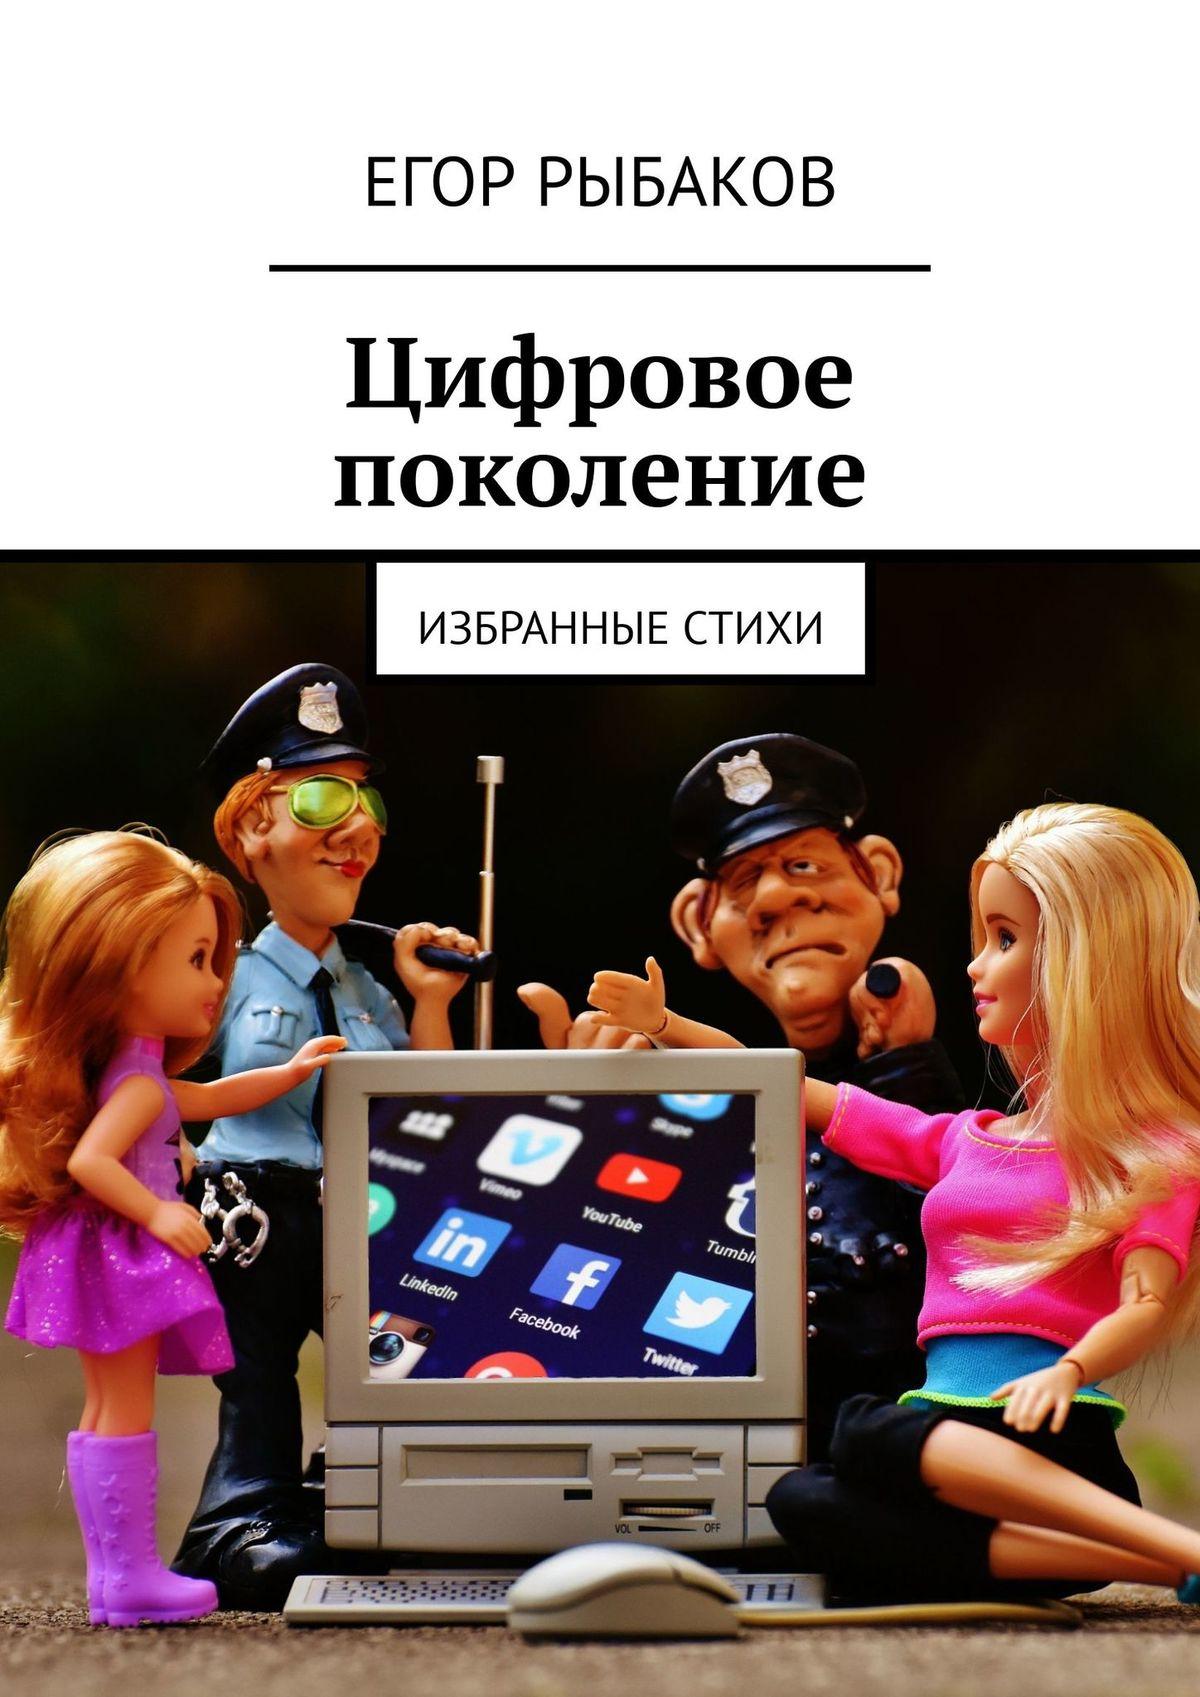 Цифровое поколение. Избранные стихи